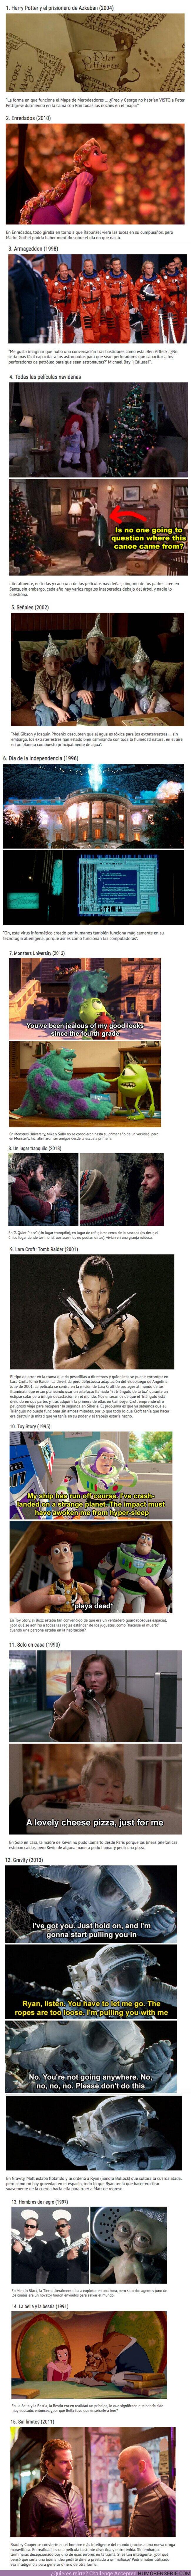 56856 - GALERÍA: 15 Errores en la trama de películas famosas que probablemente no habías notado